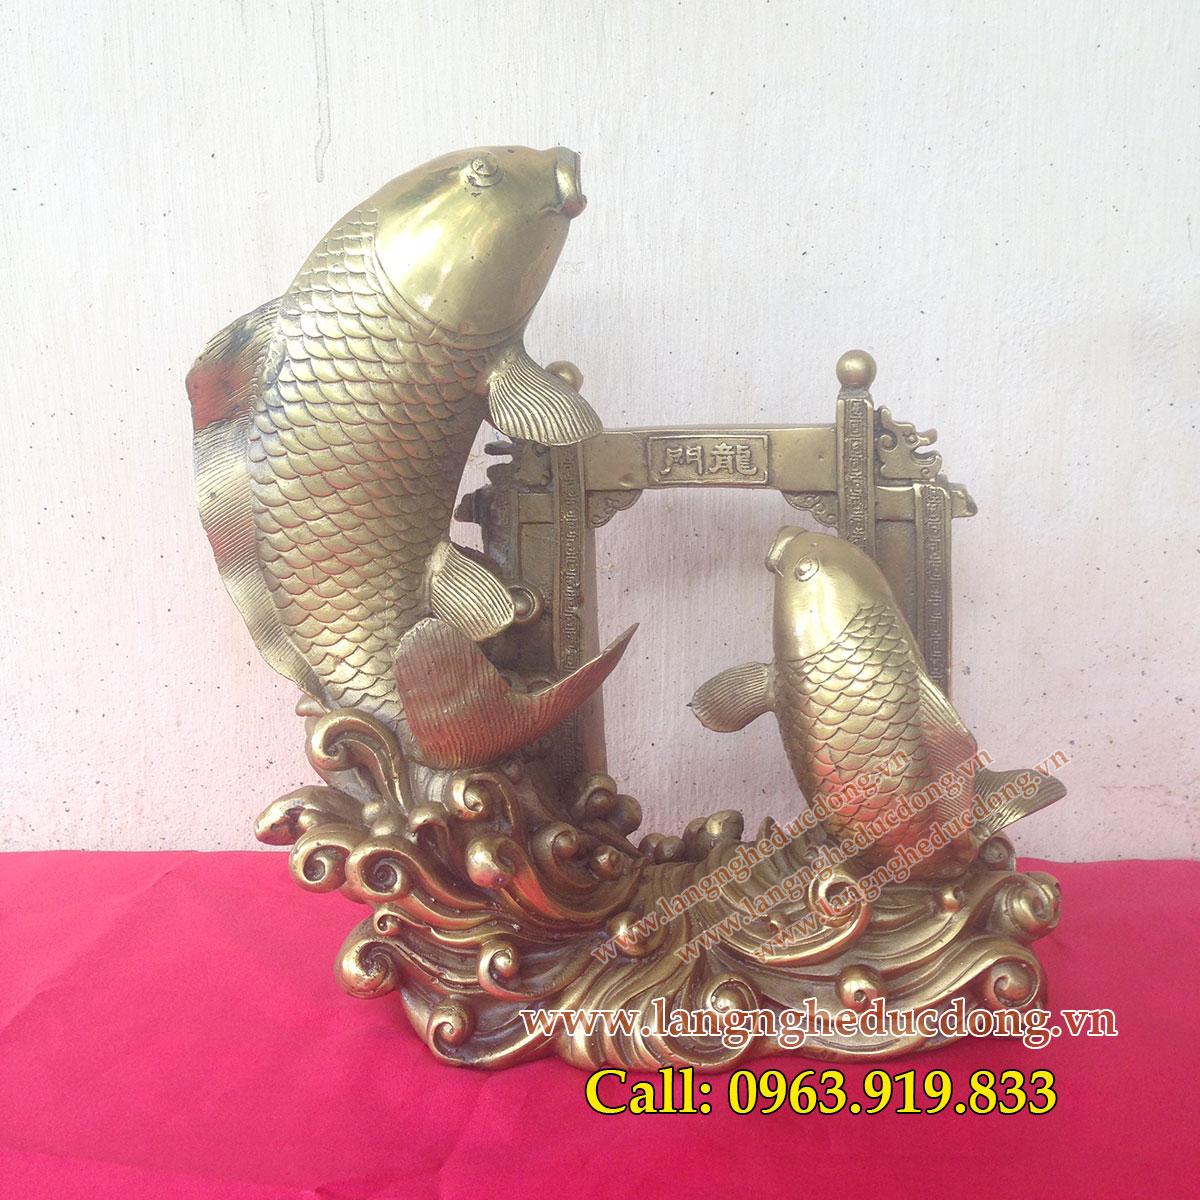 langngheducdong.vn - cá chép vượt vũ môn, kích thước 30cm, Cá chép bằng đồng